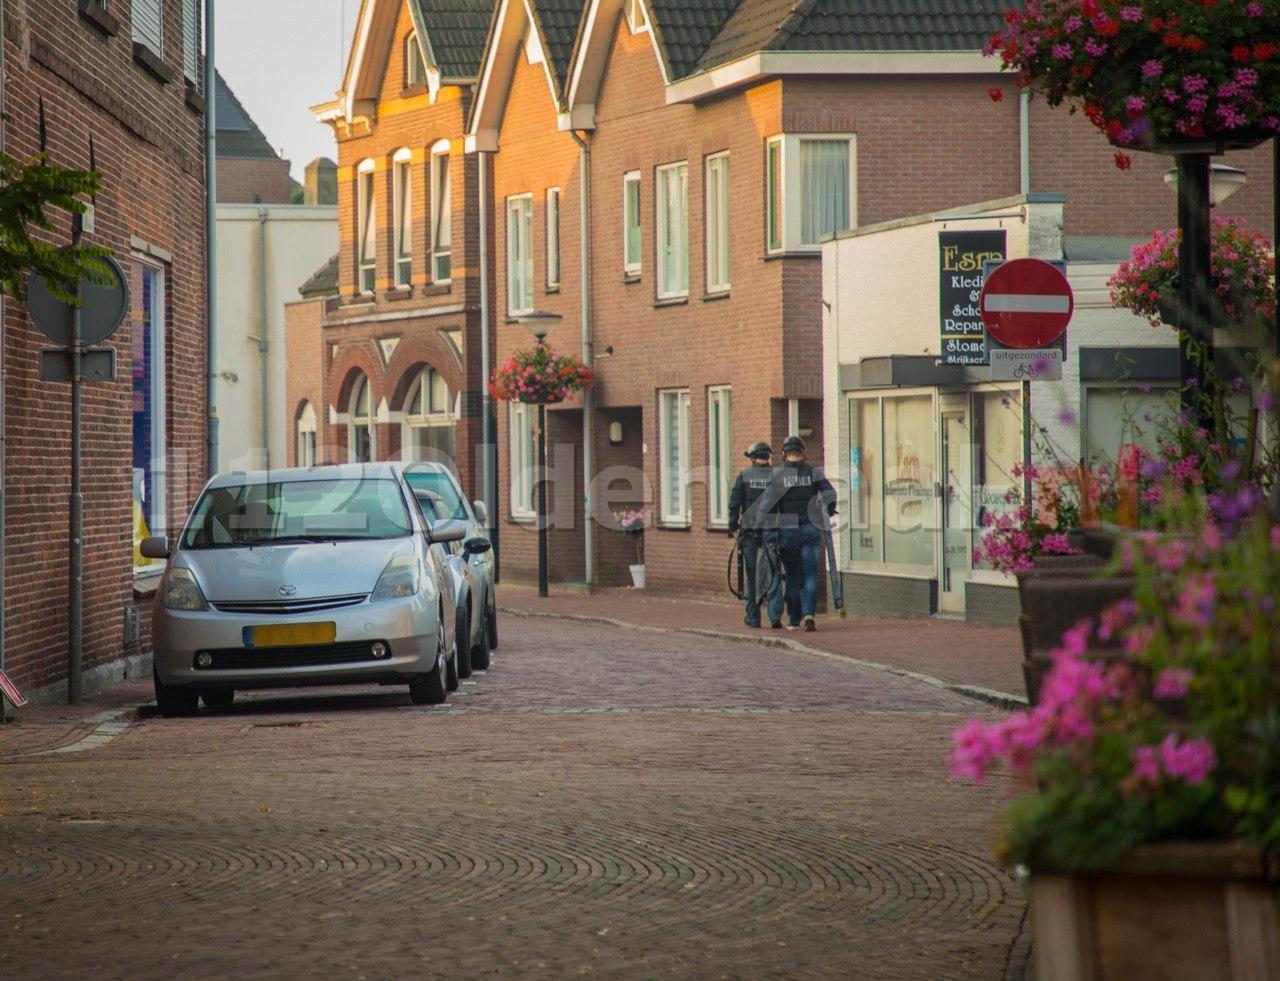 VIDEO: Politie doet inval in pand centrum Oldenzaal; aanhoudingseenheid houdt persoon aan